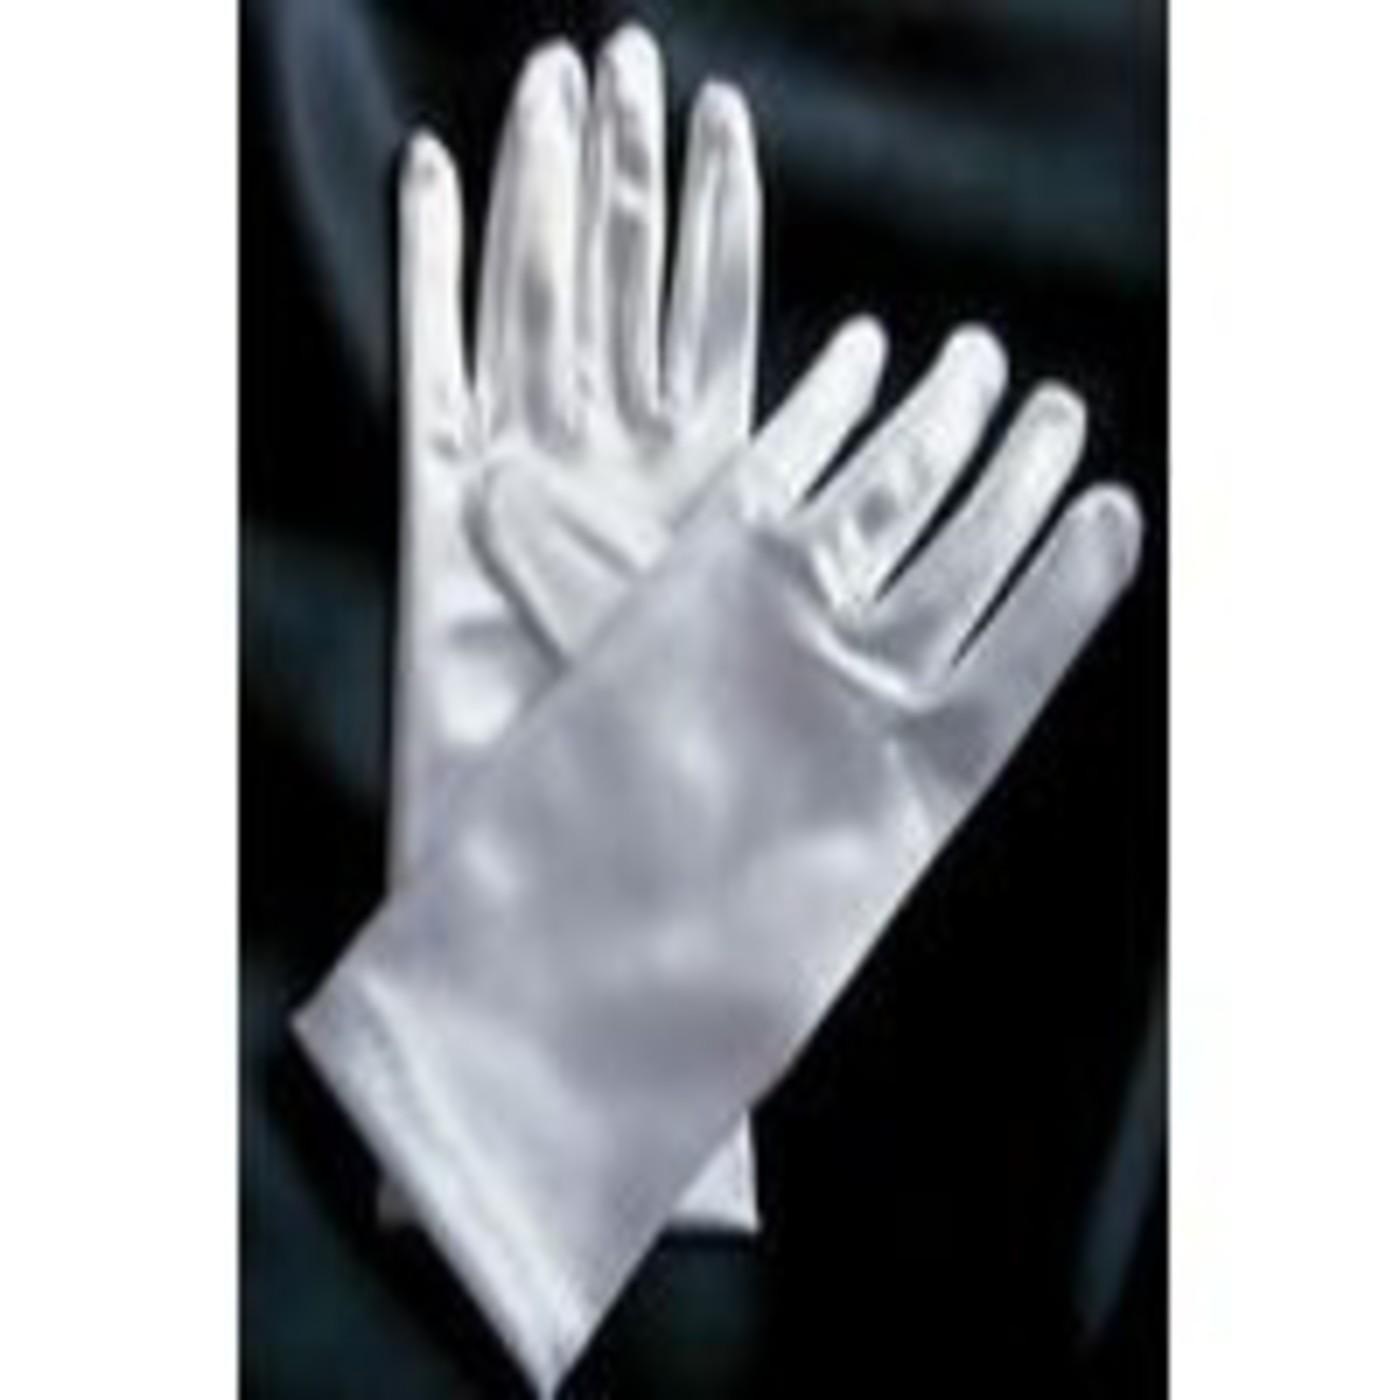 La mano enguantada de Jean Lorrain